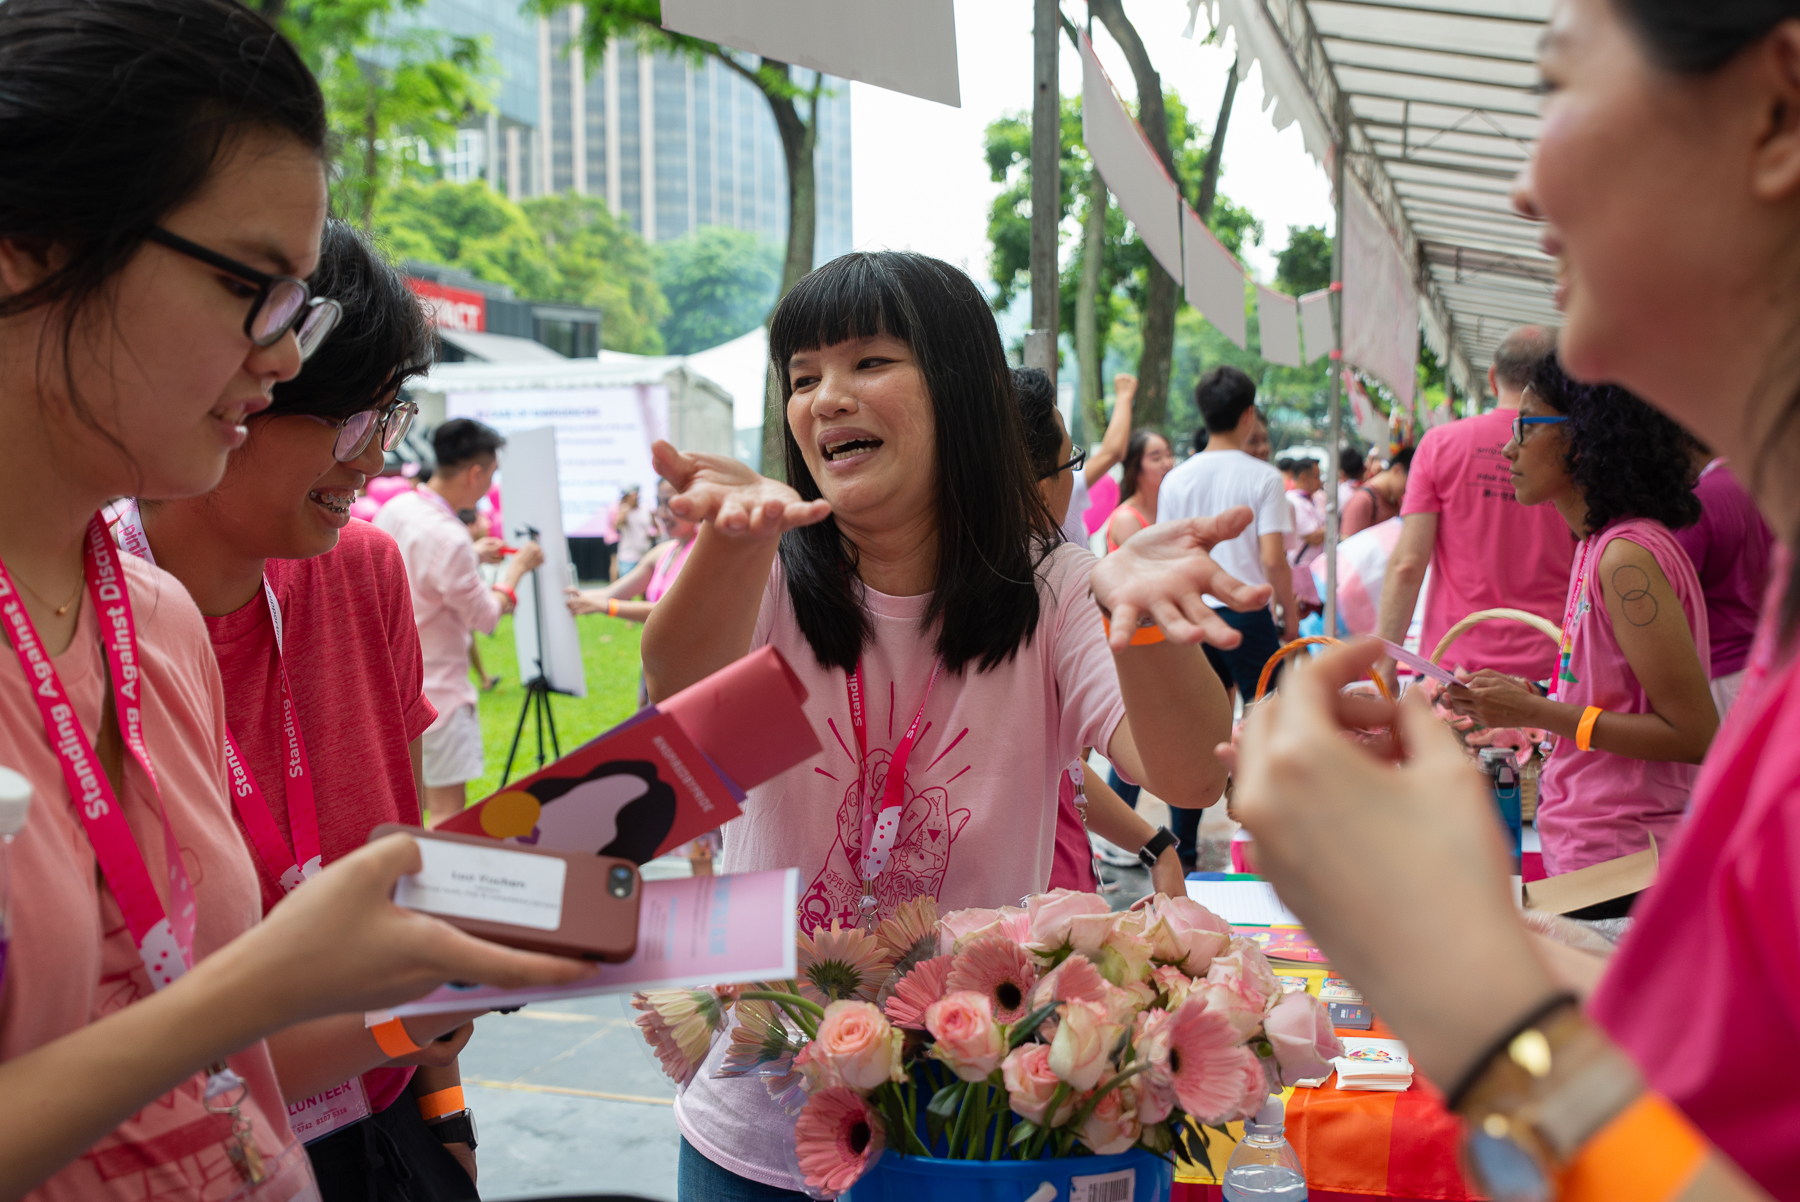 PinkDot-2019-9100.jpg